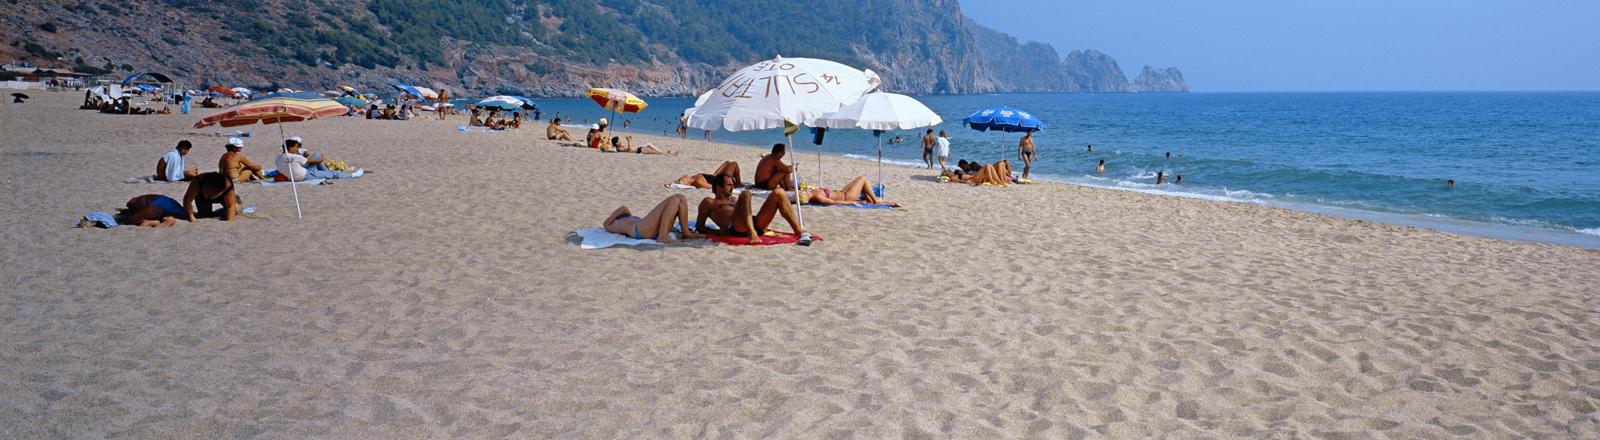 Strand bei Alanya an der Türkischen Riviera